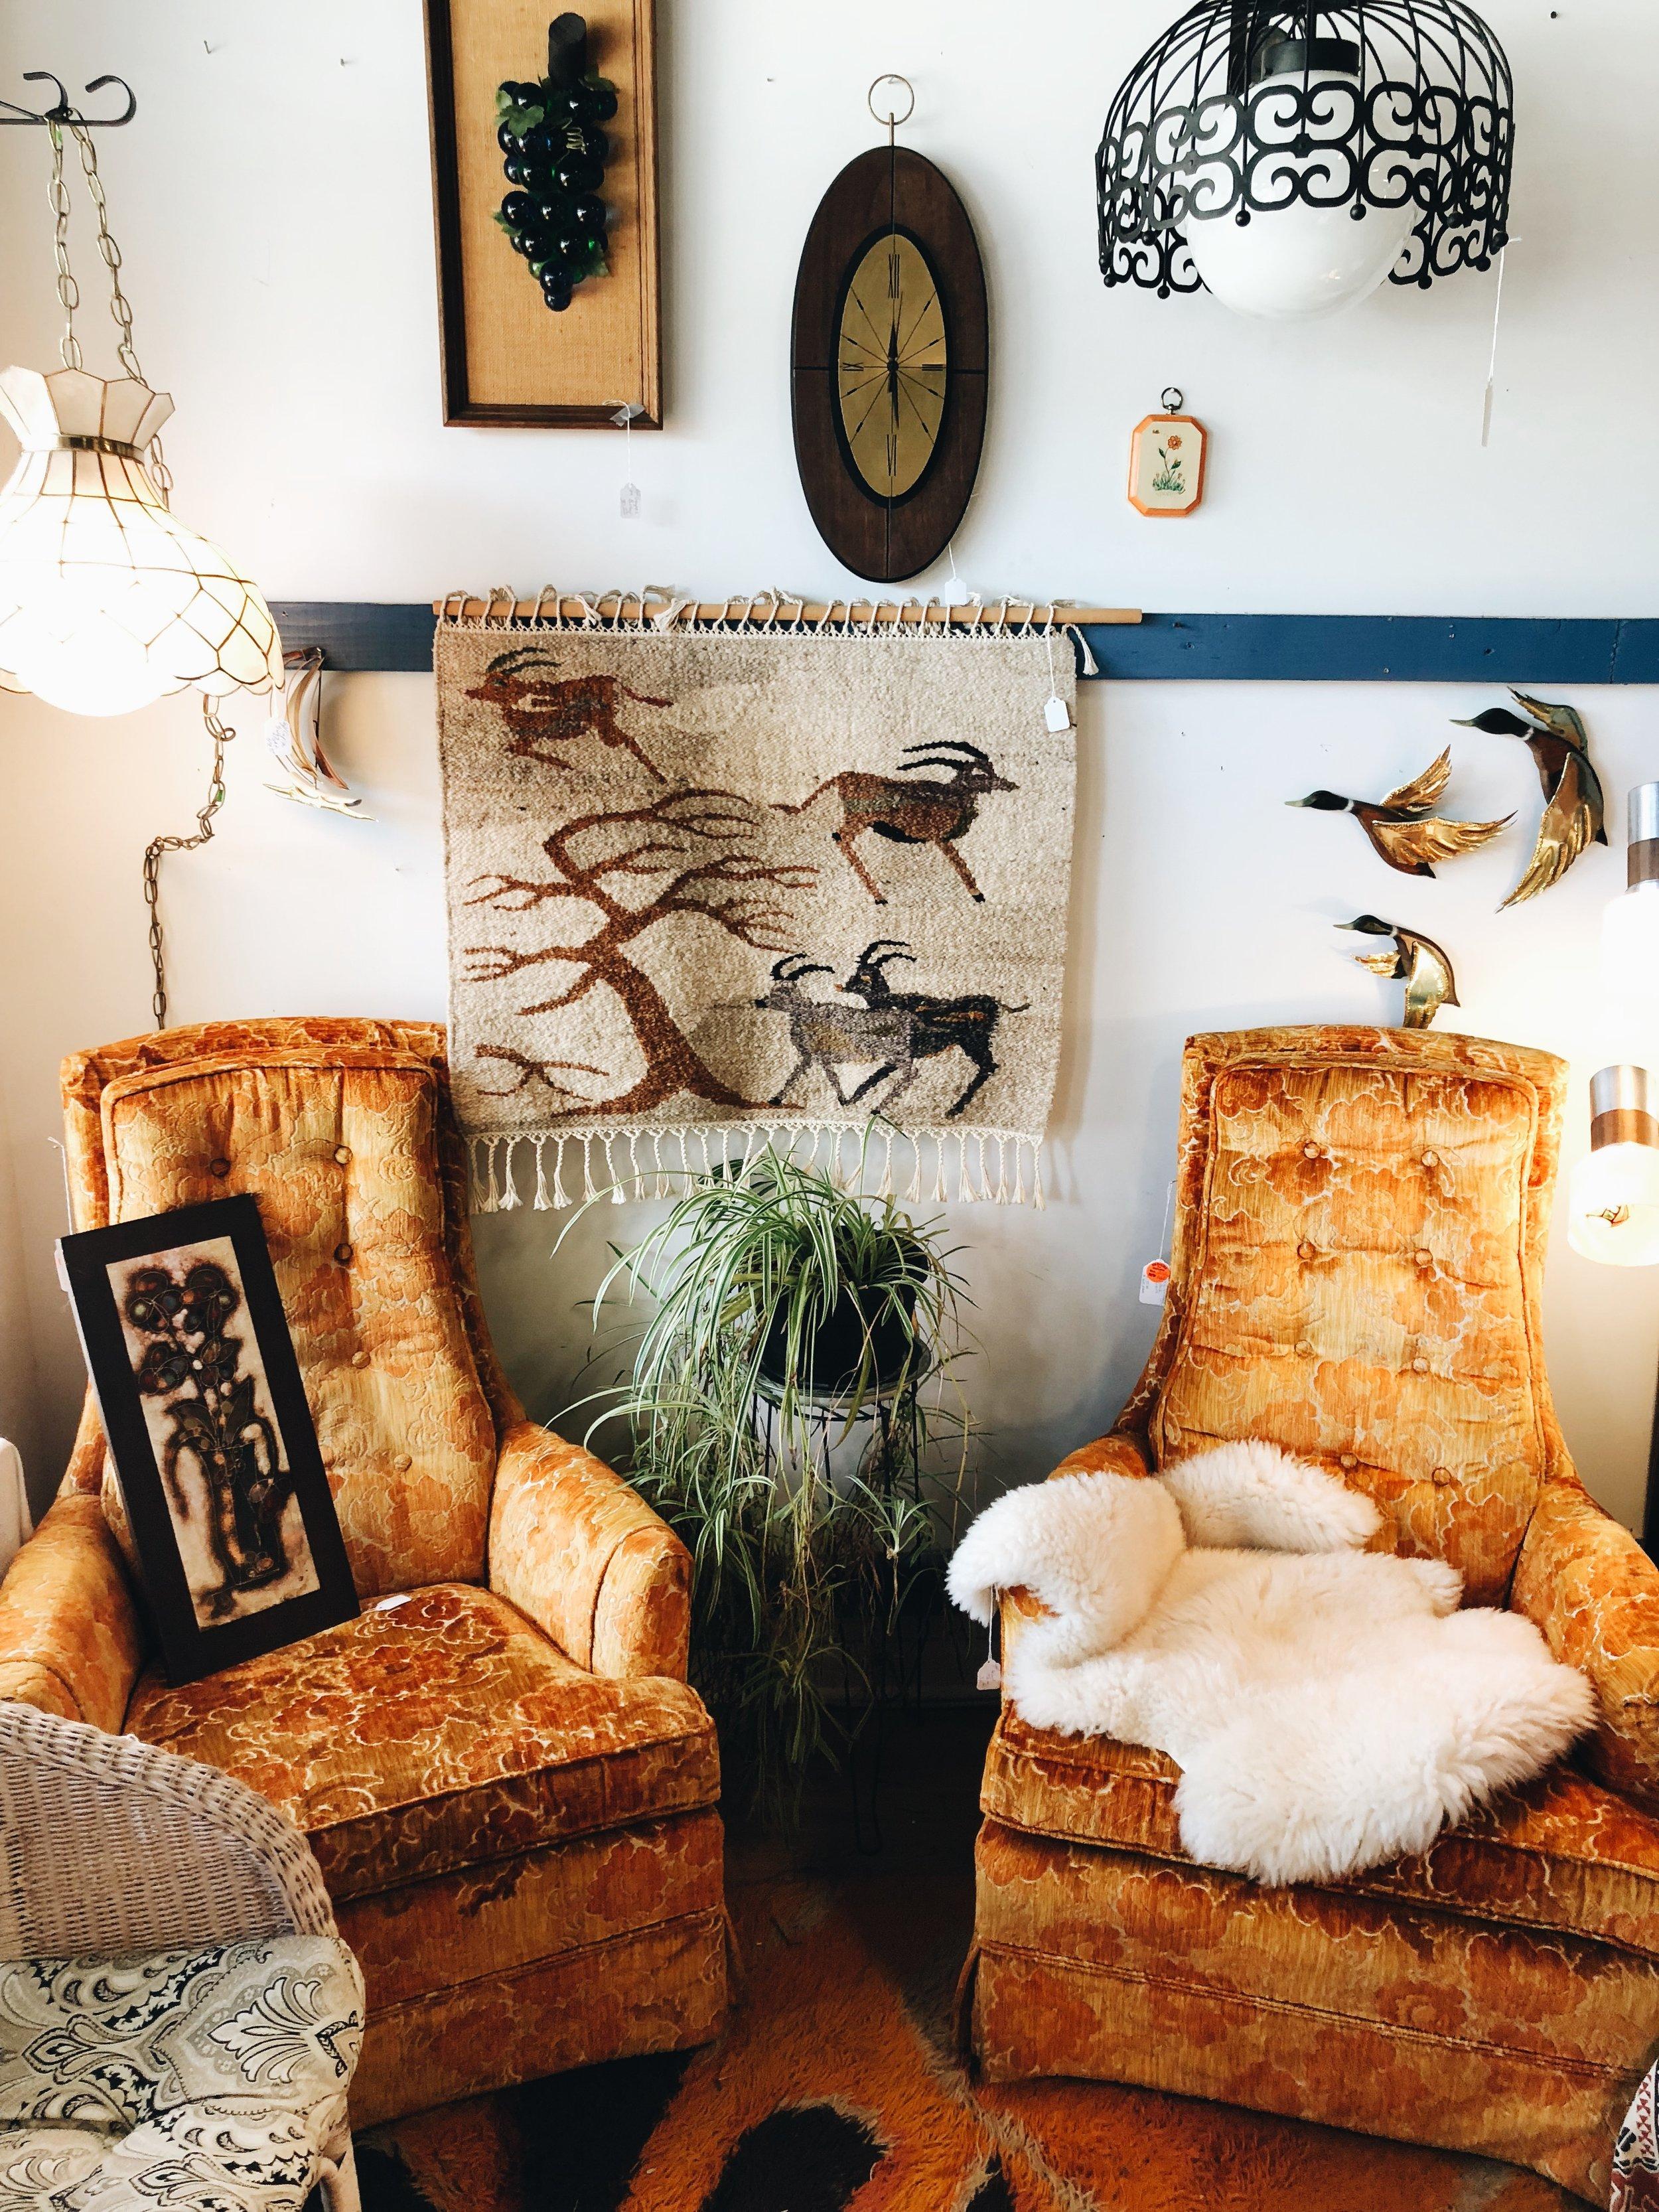 ziedarling.com | second hand inspiration from thrift shops